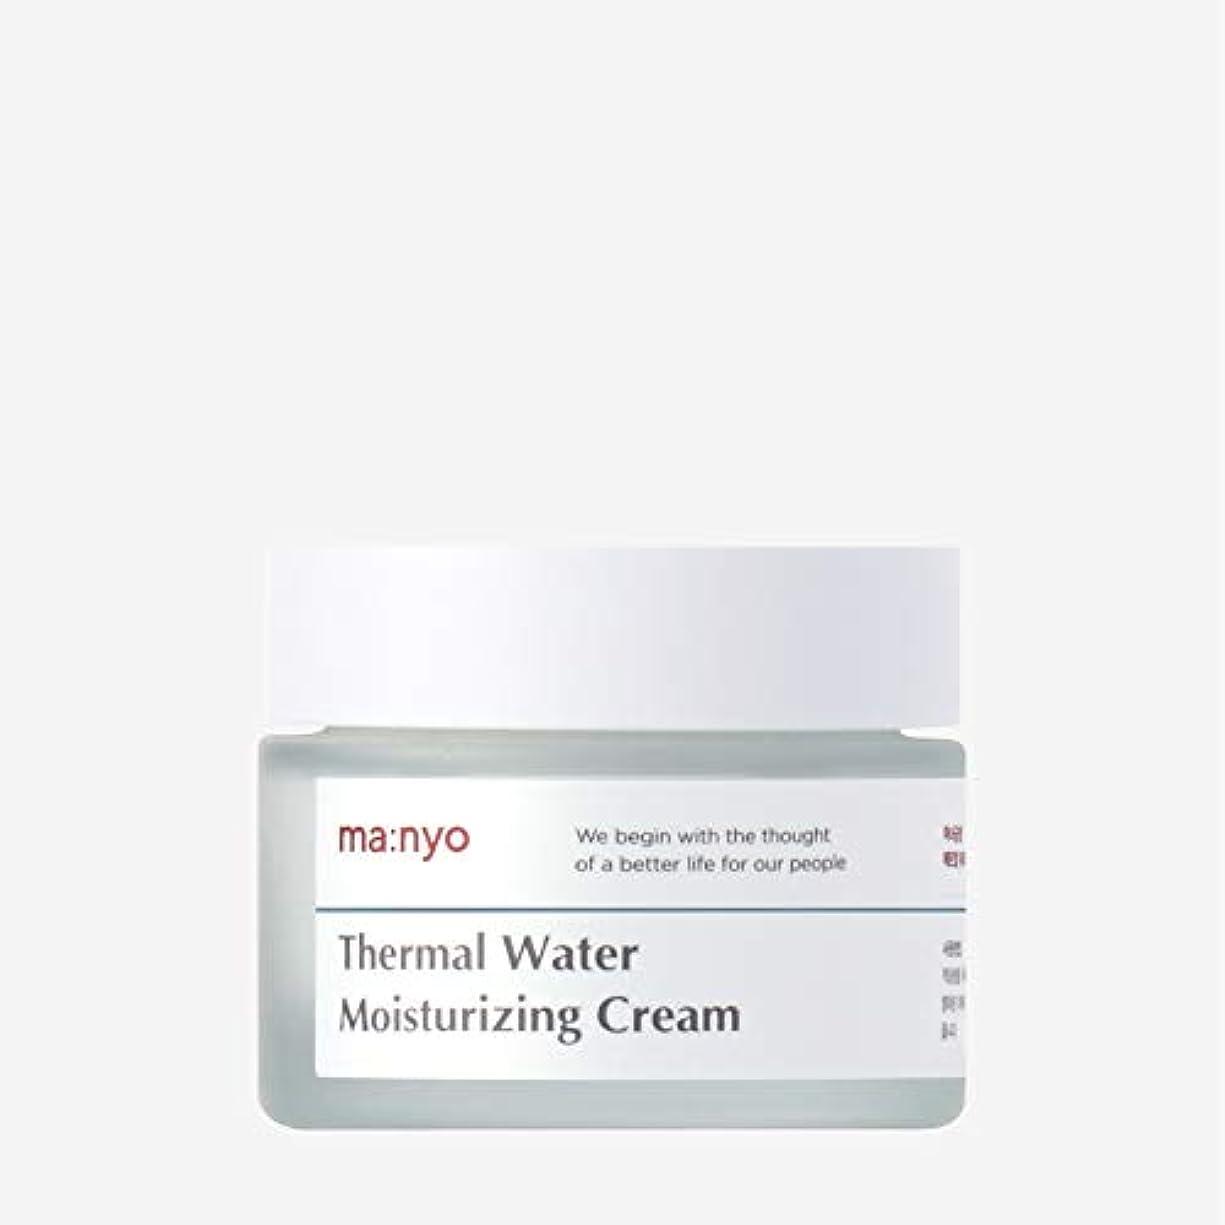 構造的権限なくなる魔女工場(Manyo Factory) 温泉水ミネラルクリーム 50ml / 天然ミネラル、チェコ温泉水67%で保湿補充